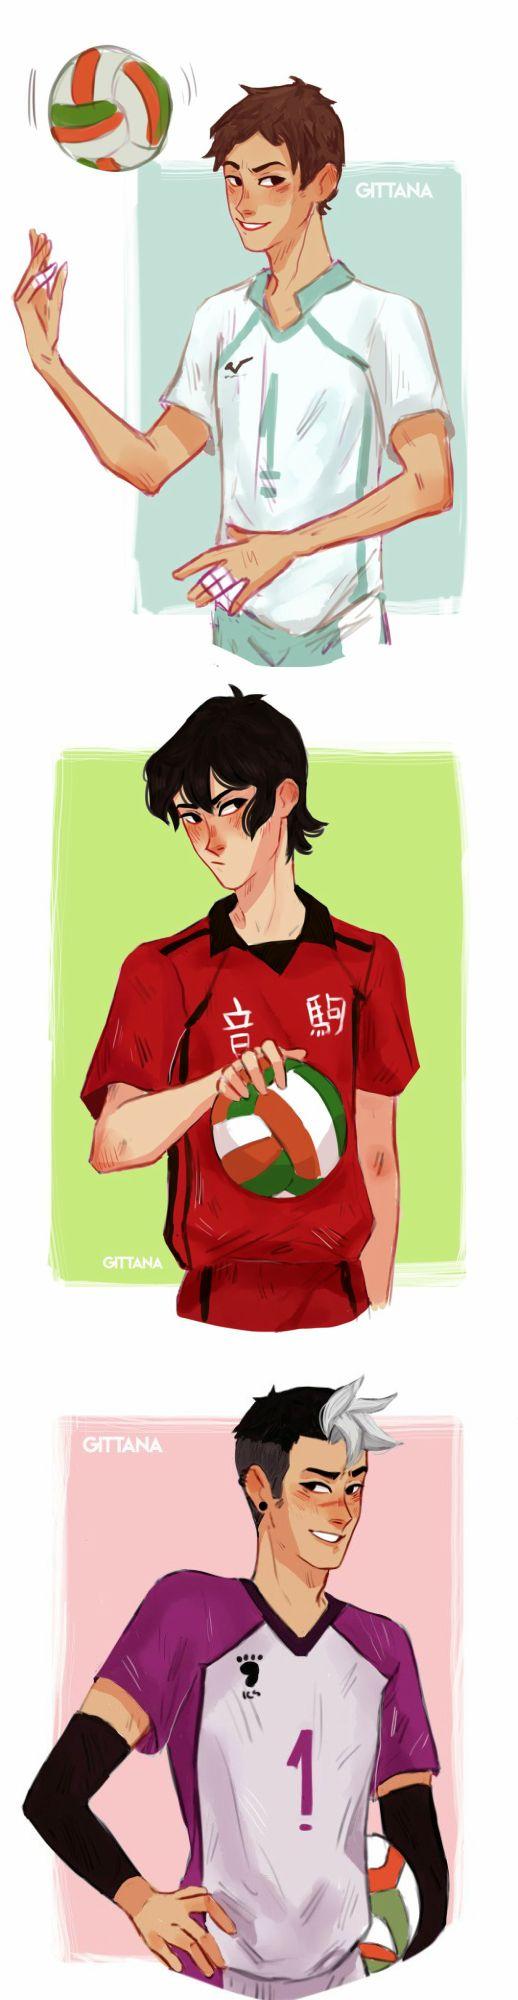 Keith / Lance | Shiro *crossover HAIKYUU!!*